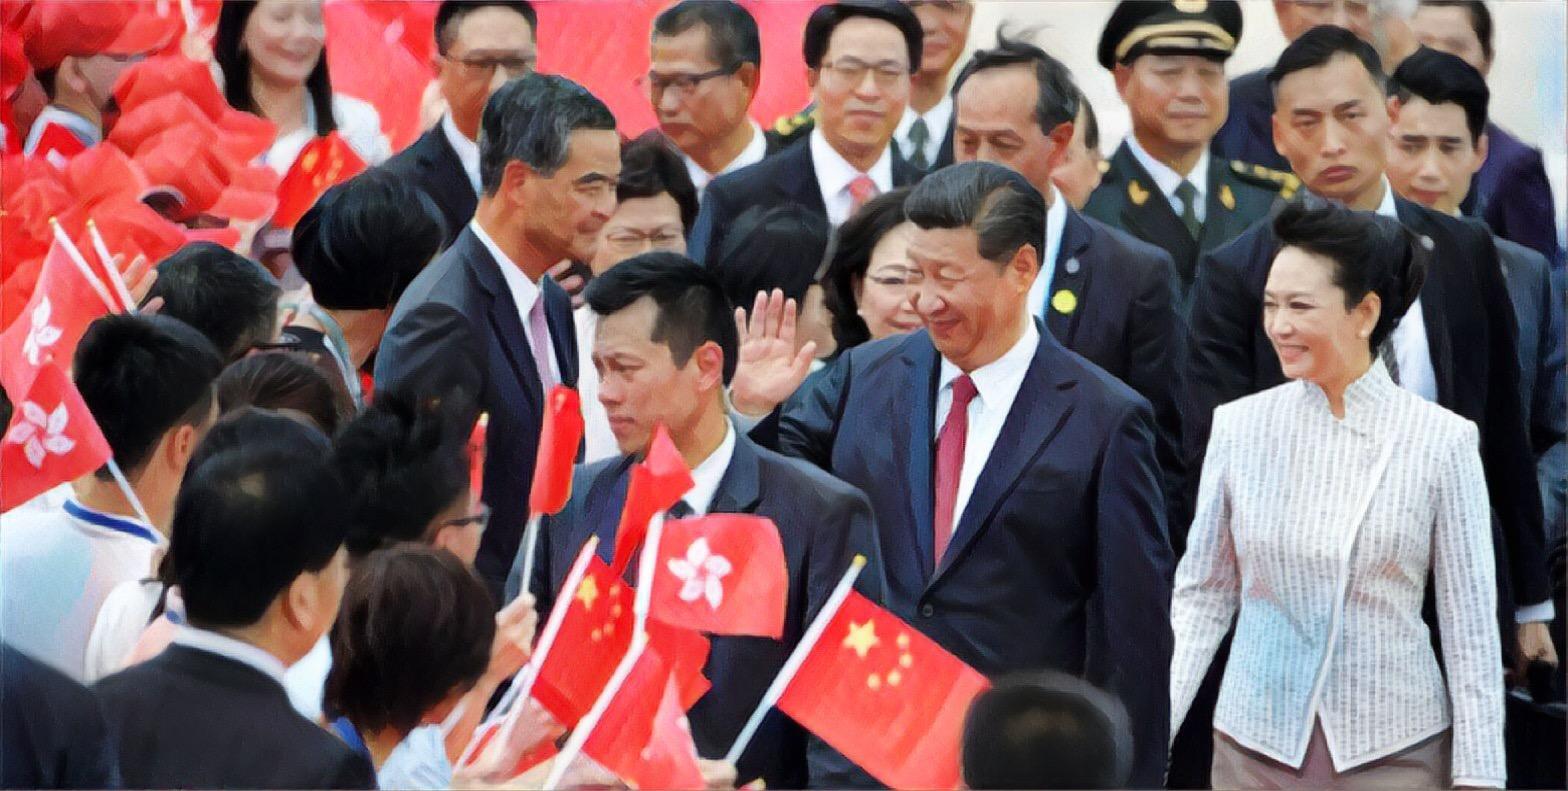 President Xi visits Hong Kong